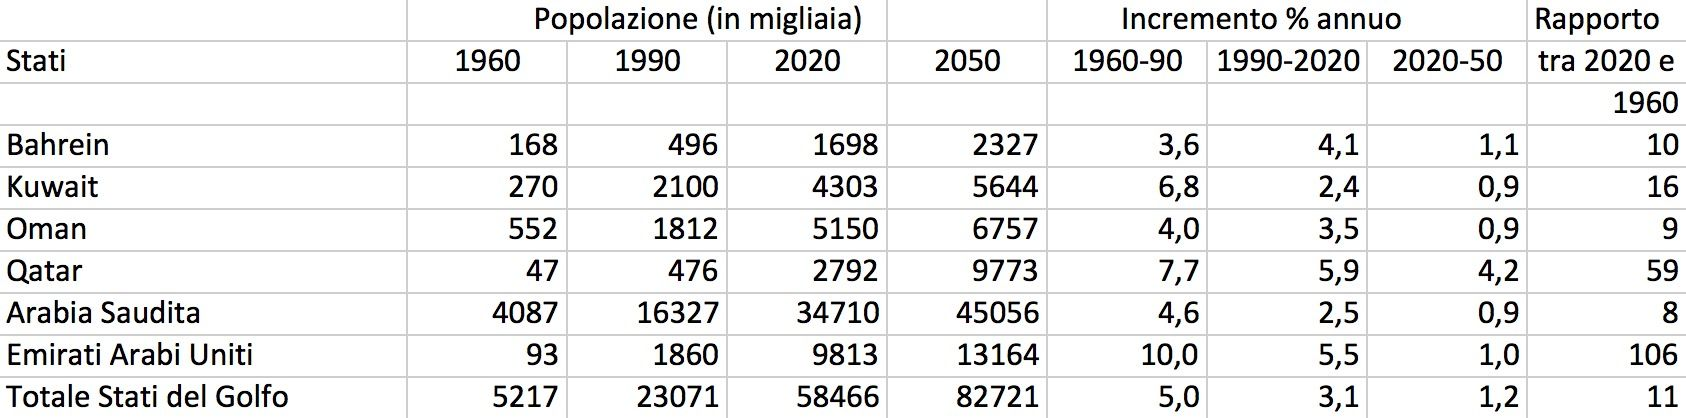 Tabella 1 – Popolazione degli Stati del Golfo, 1960-2050. Fonte: Fonte: Nazioni Unite, World Population Prospects, the 2017 Revision, https://population.un.org/wpp/